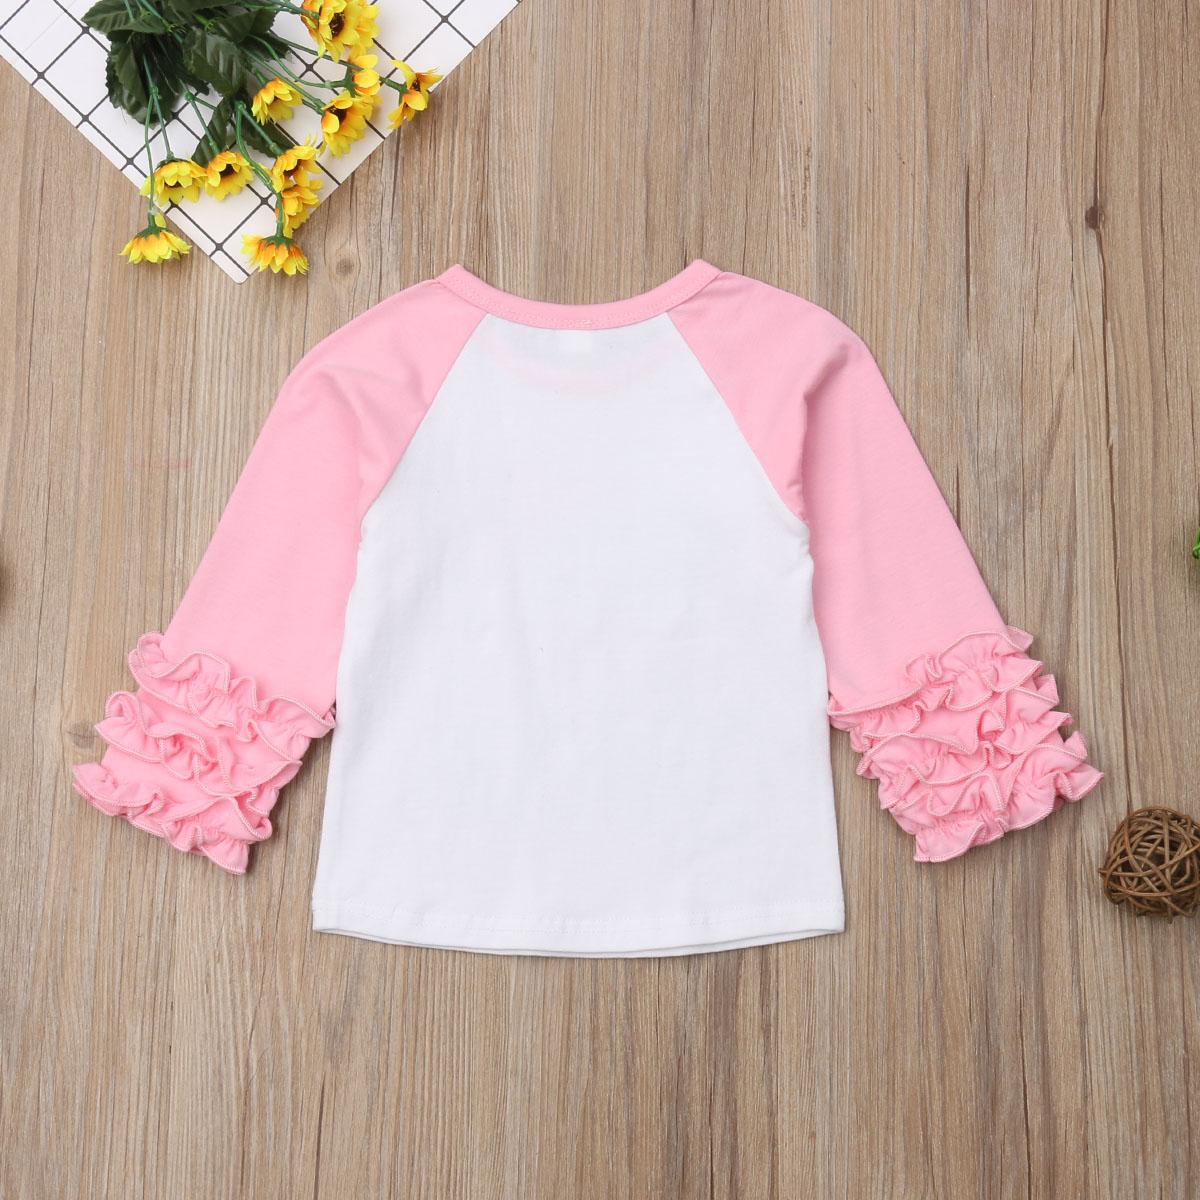 1-6Y Осенние милые для младенцев Одежда для маленьких девочек топы с принтом букв пуловер с длинными рукавами и оборками Розовая Одежда